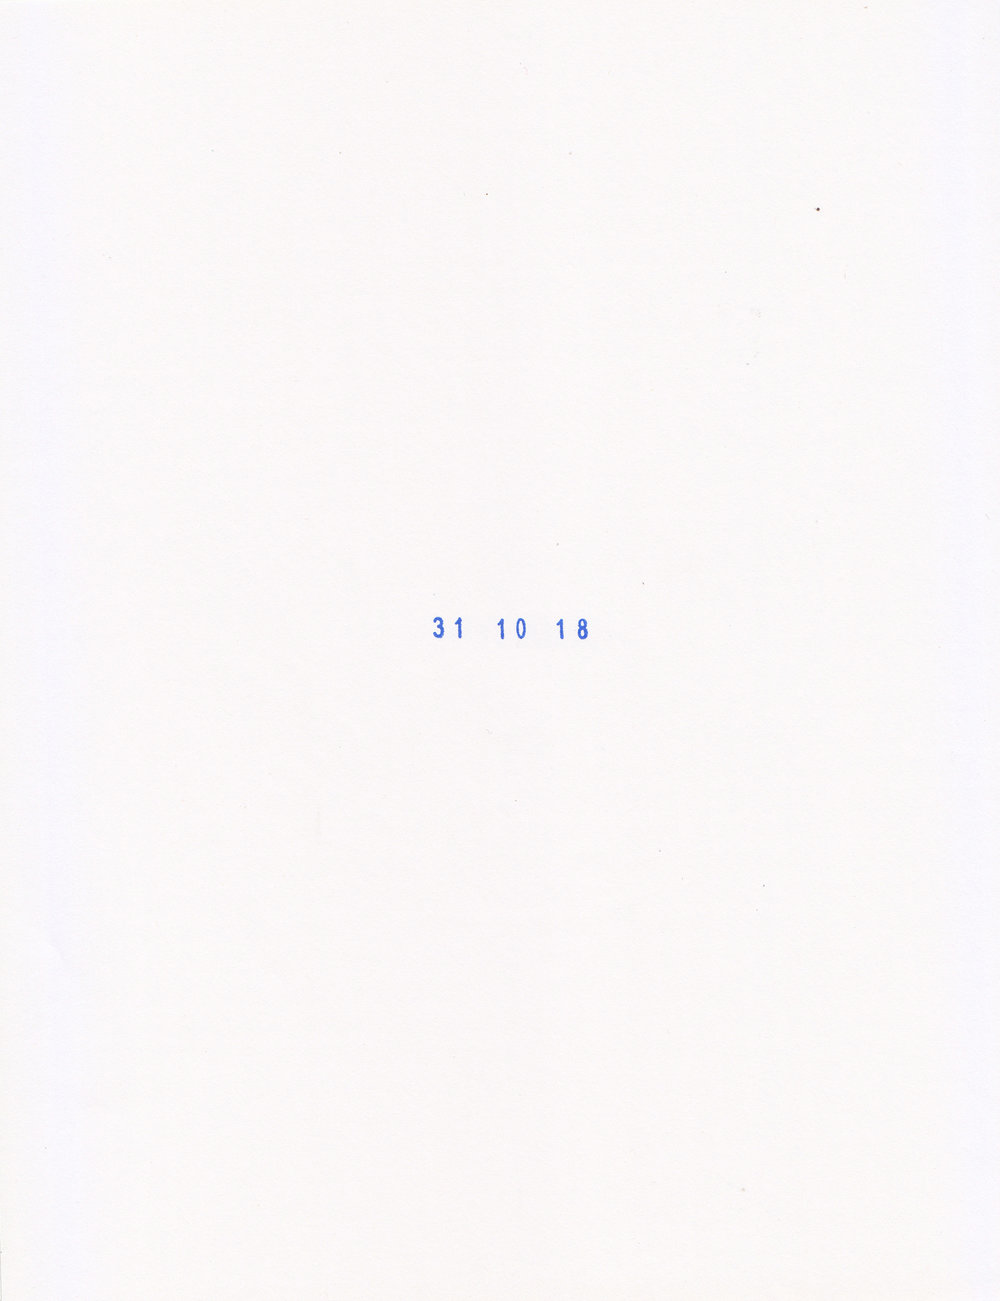 registrosdiario.jpg